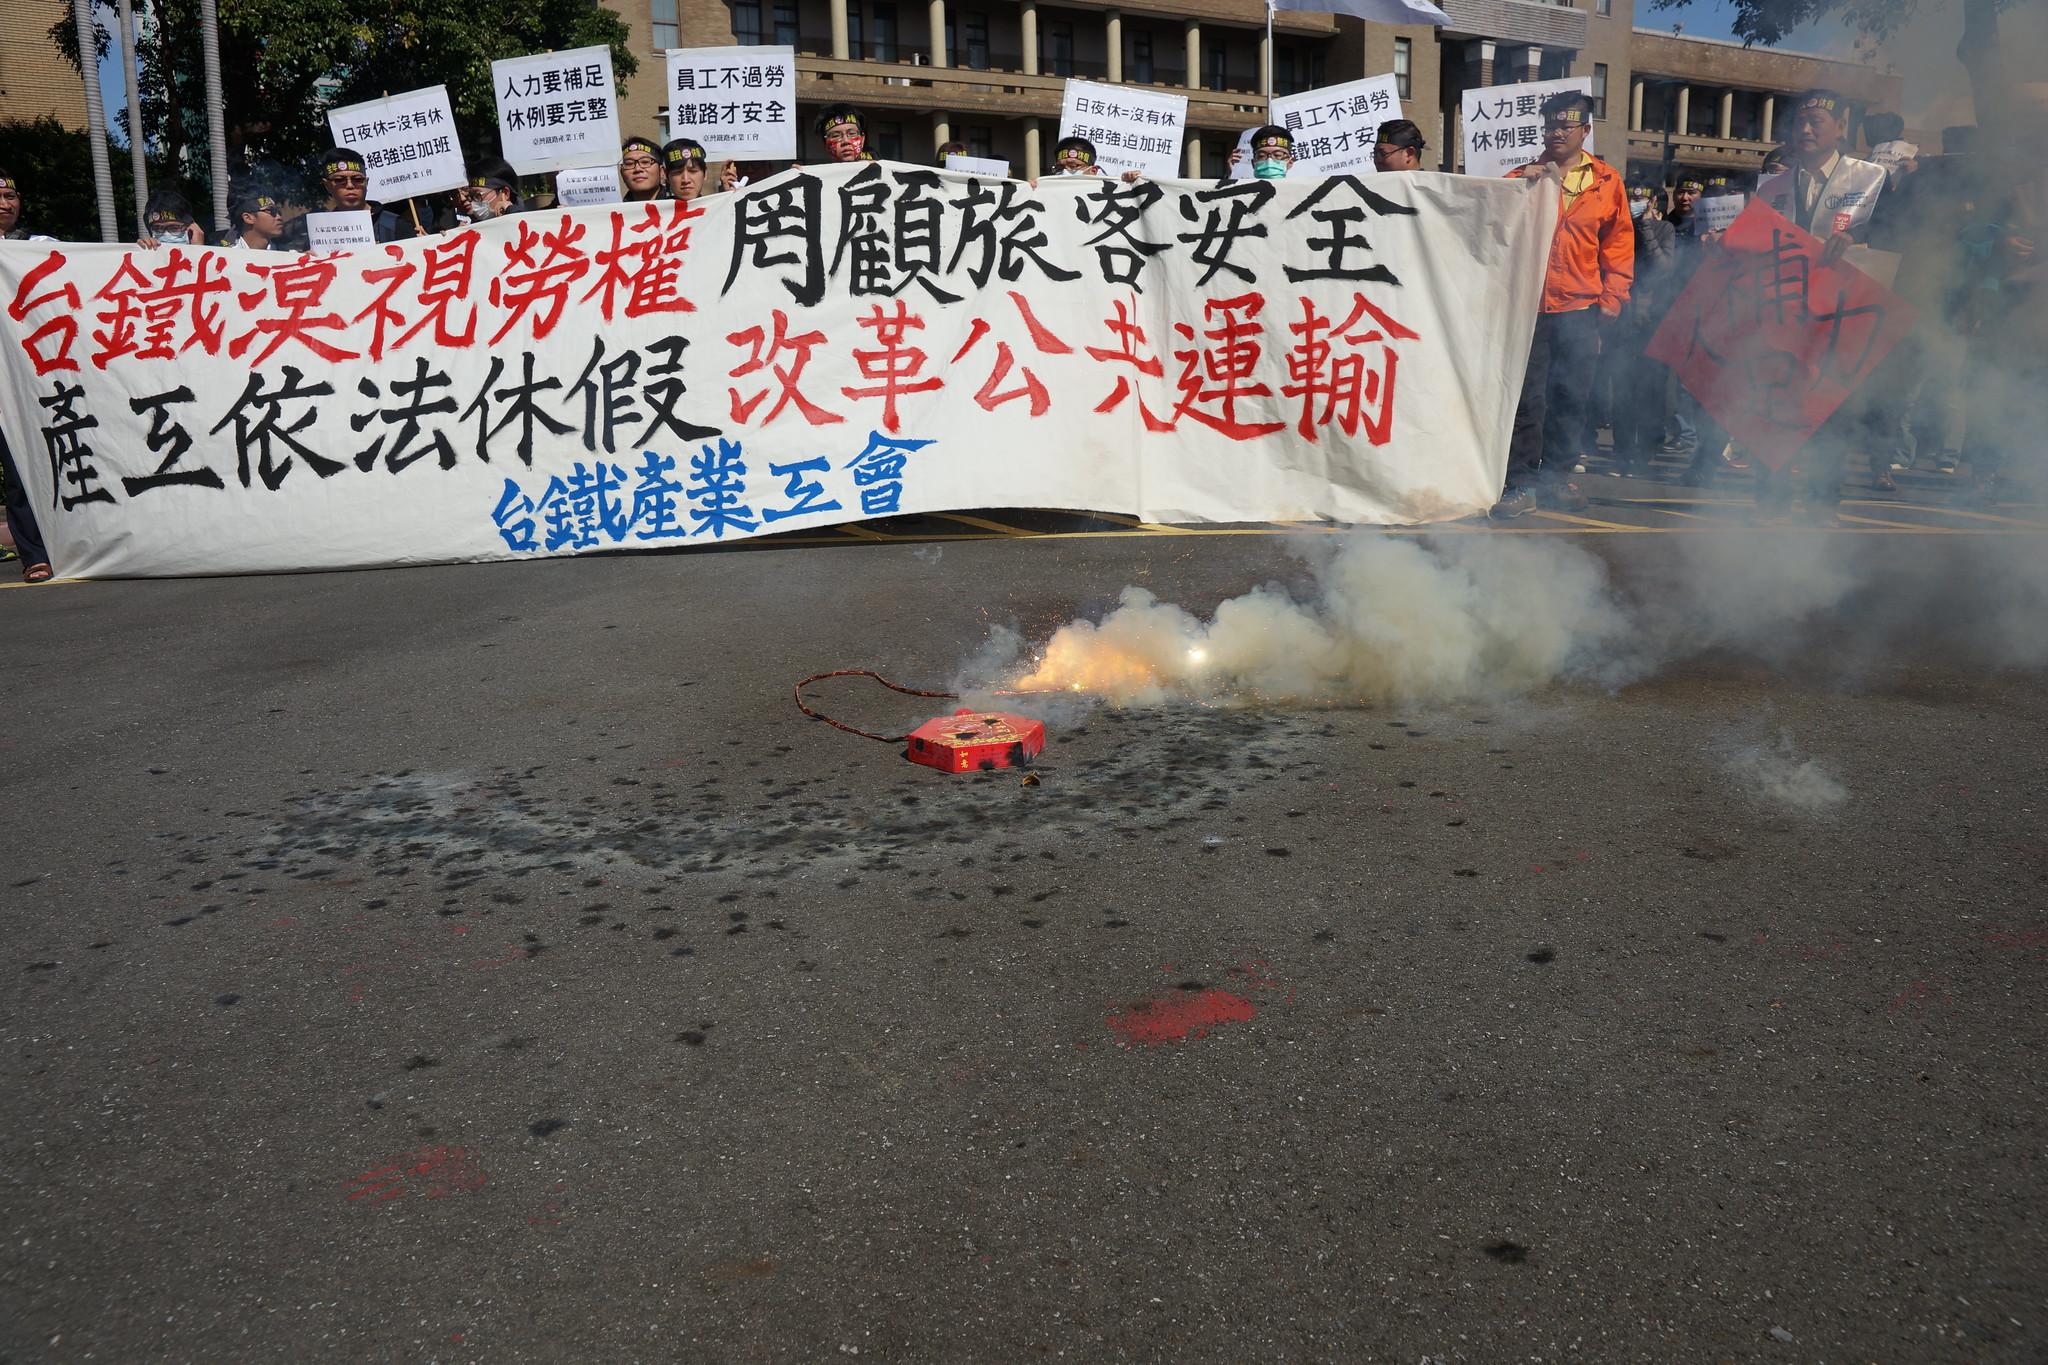 """工会在政院前放鞭炮,希望能赶走""""过劳""""这只年兽。(摄影:王颢中)"""